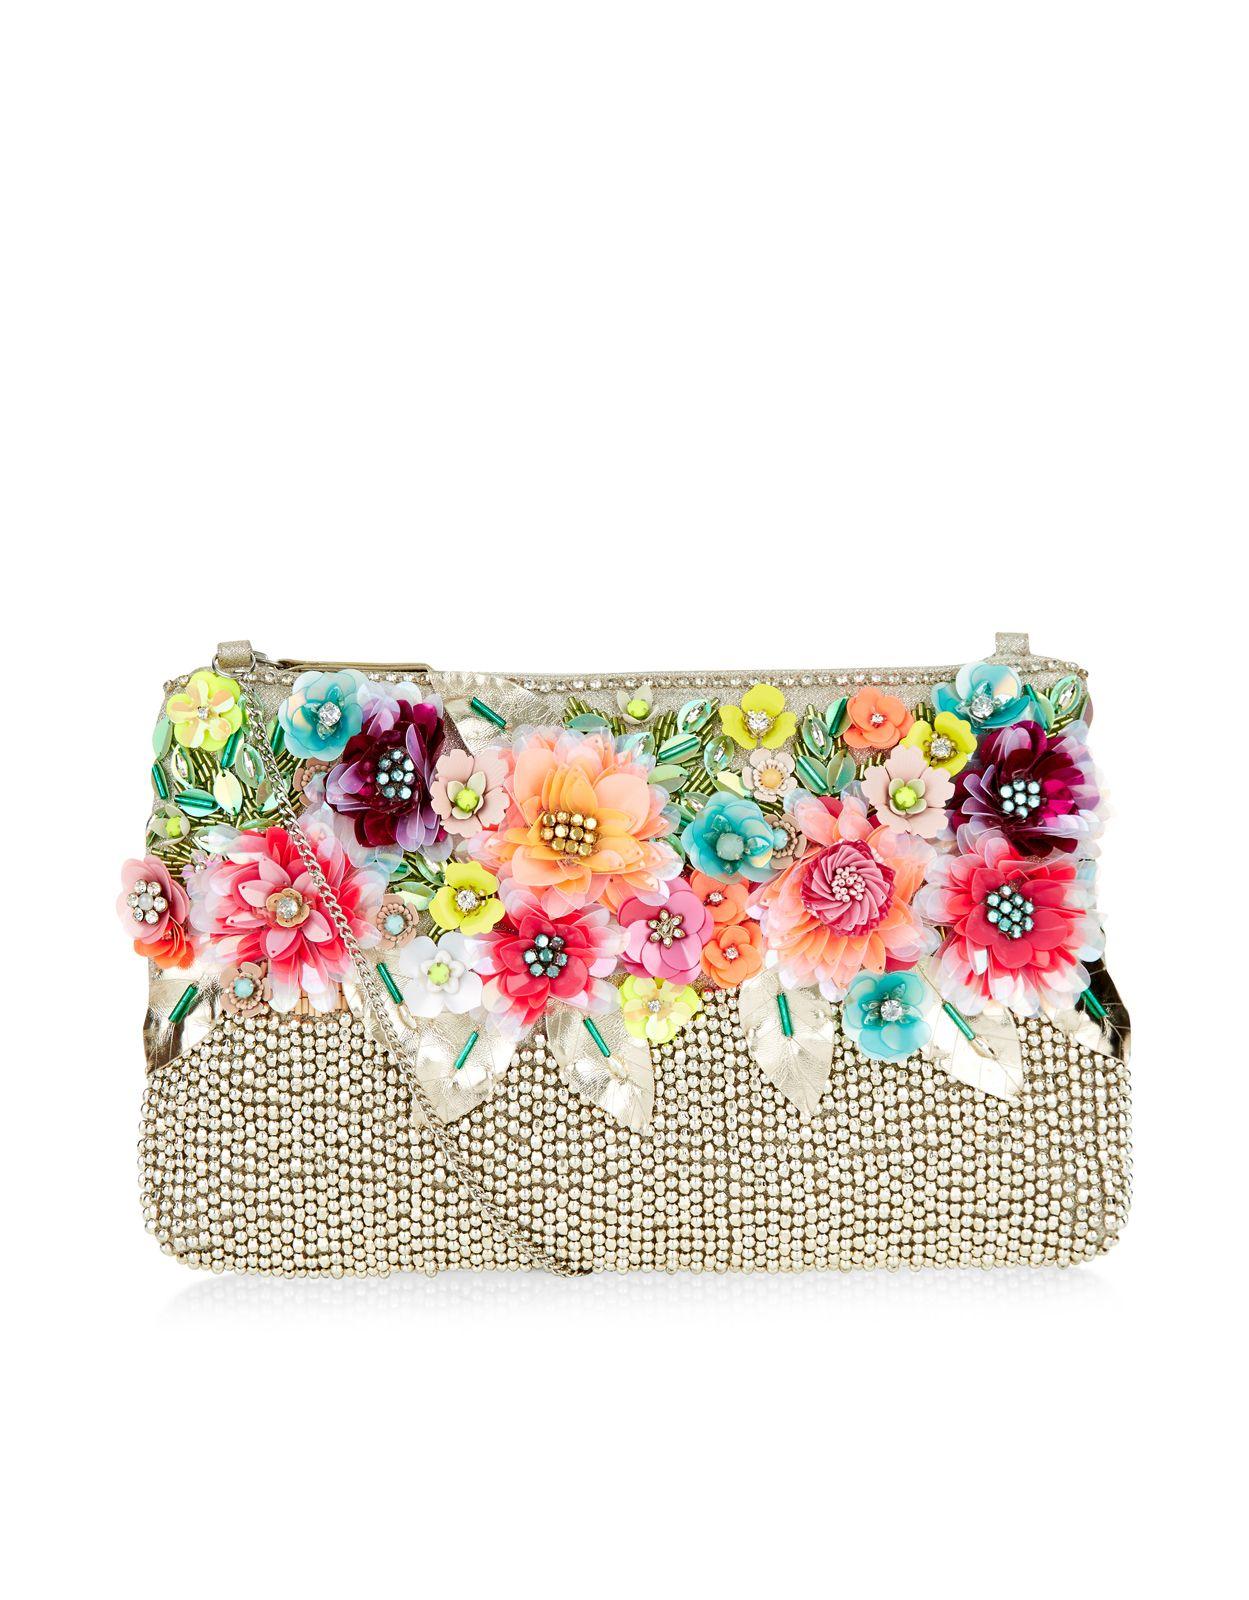 Mit unserer floralen Clutch blühen Sie bei jeder Veranstaltung förmlich auf.  Die Tasche ist mit 3D-Paillettenblumen mit Schmucksteinen und funkelnden Strassnieten besetzt. Dieses Statement-Modell verfügt über einen Reißverschluss oben und ein luxuriöses Satinfutter sowie einen versteckten Schulterriemen.